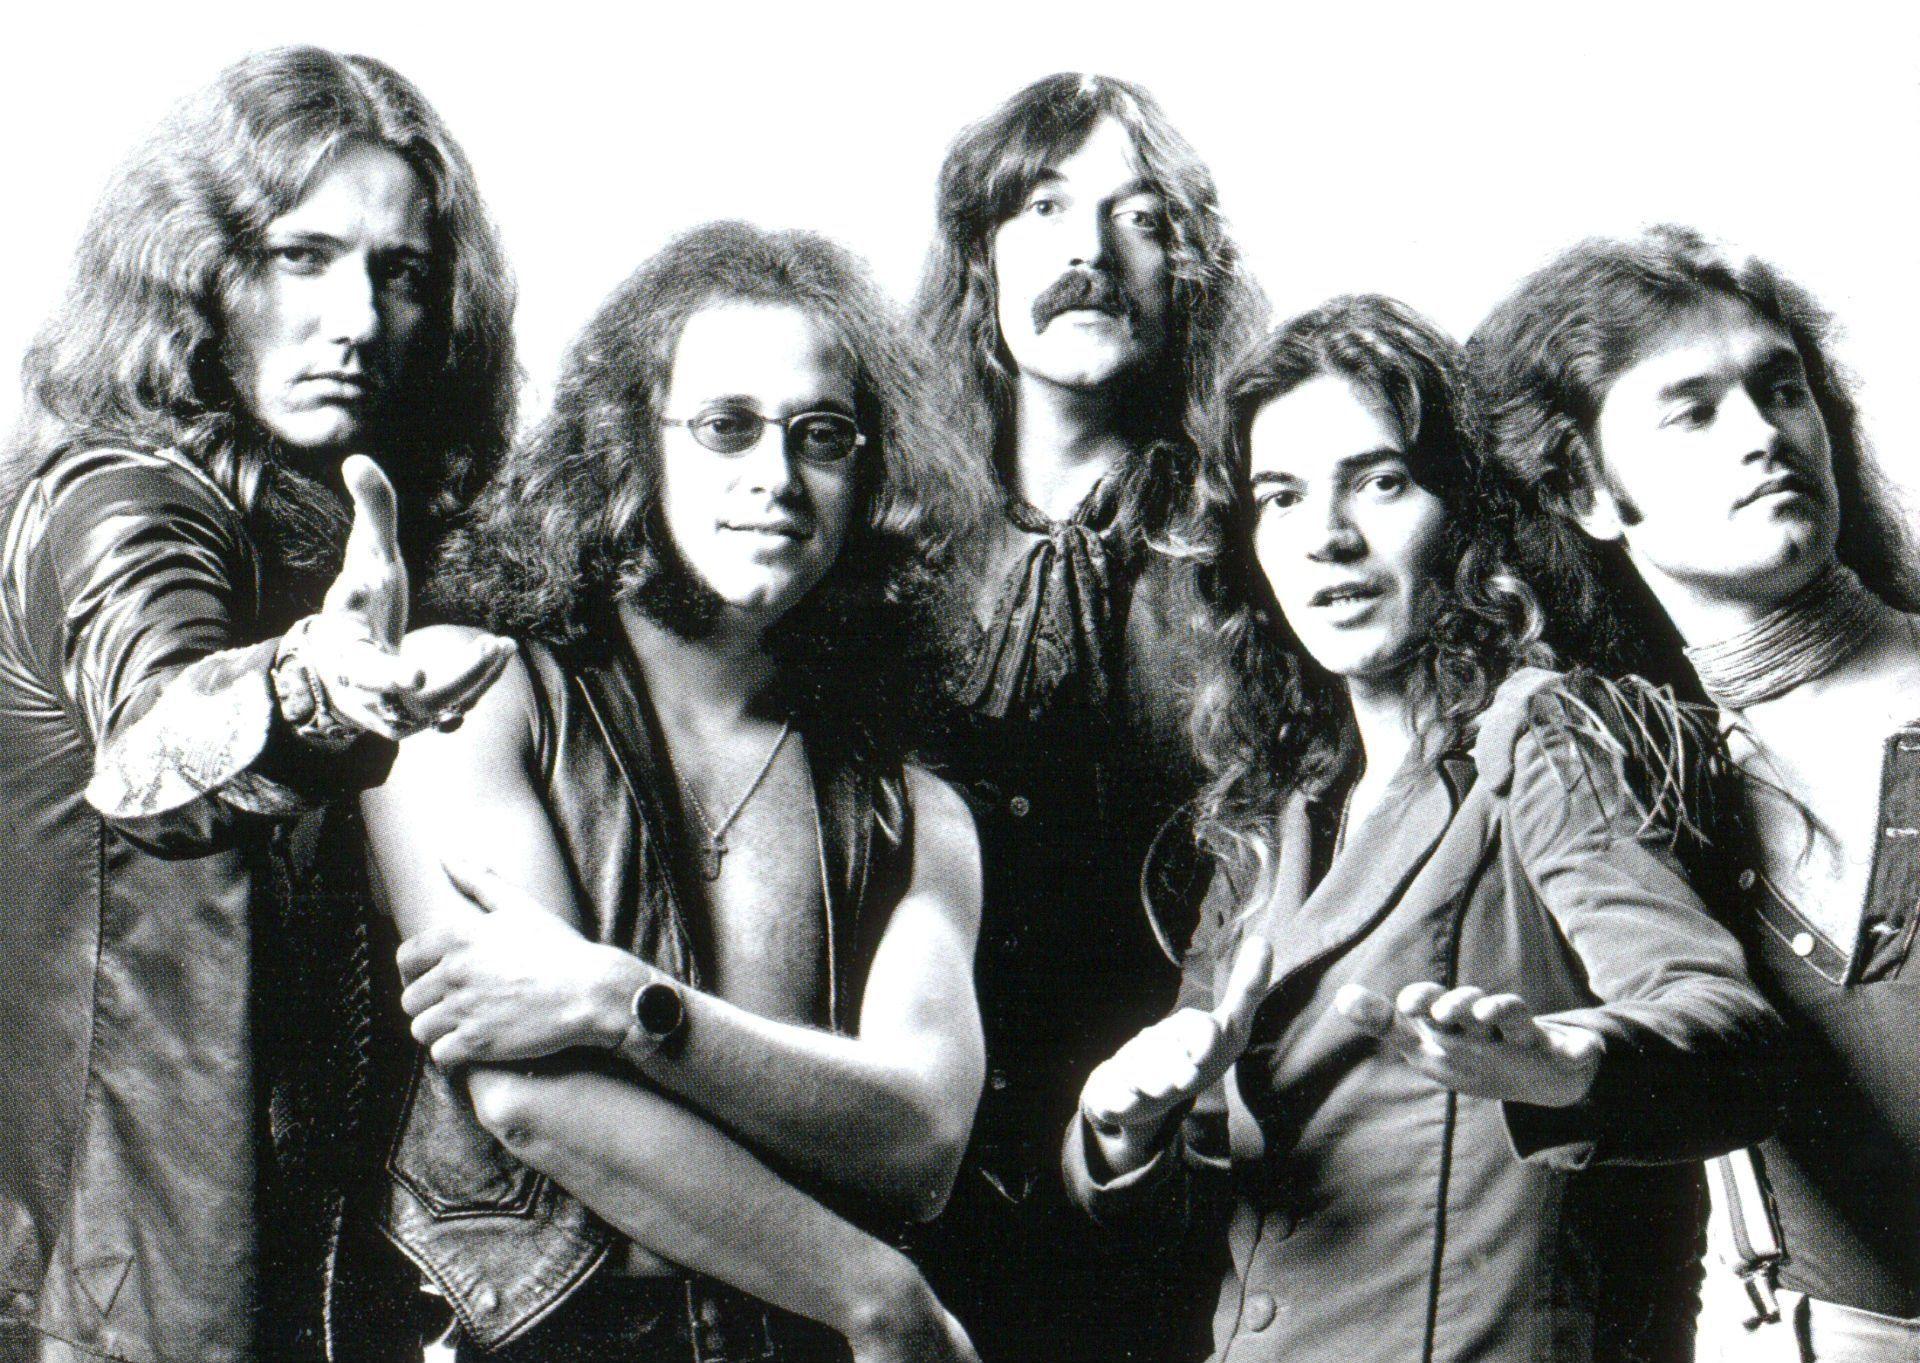 ¿Qué famoso concierto grabó Deep Purple en su gira de 1972?